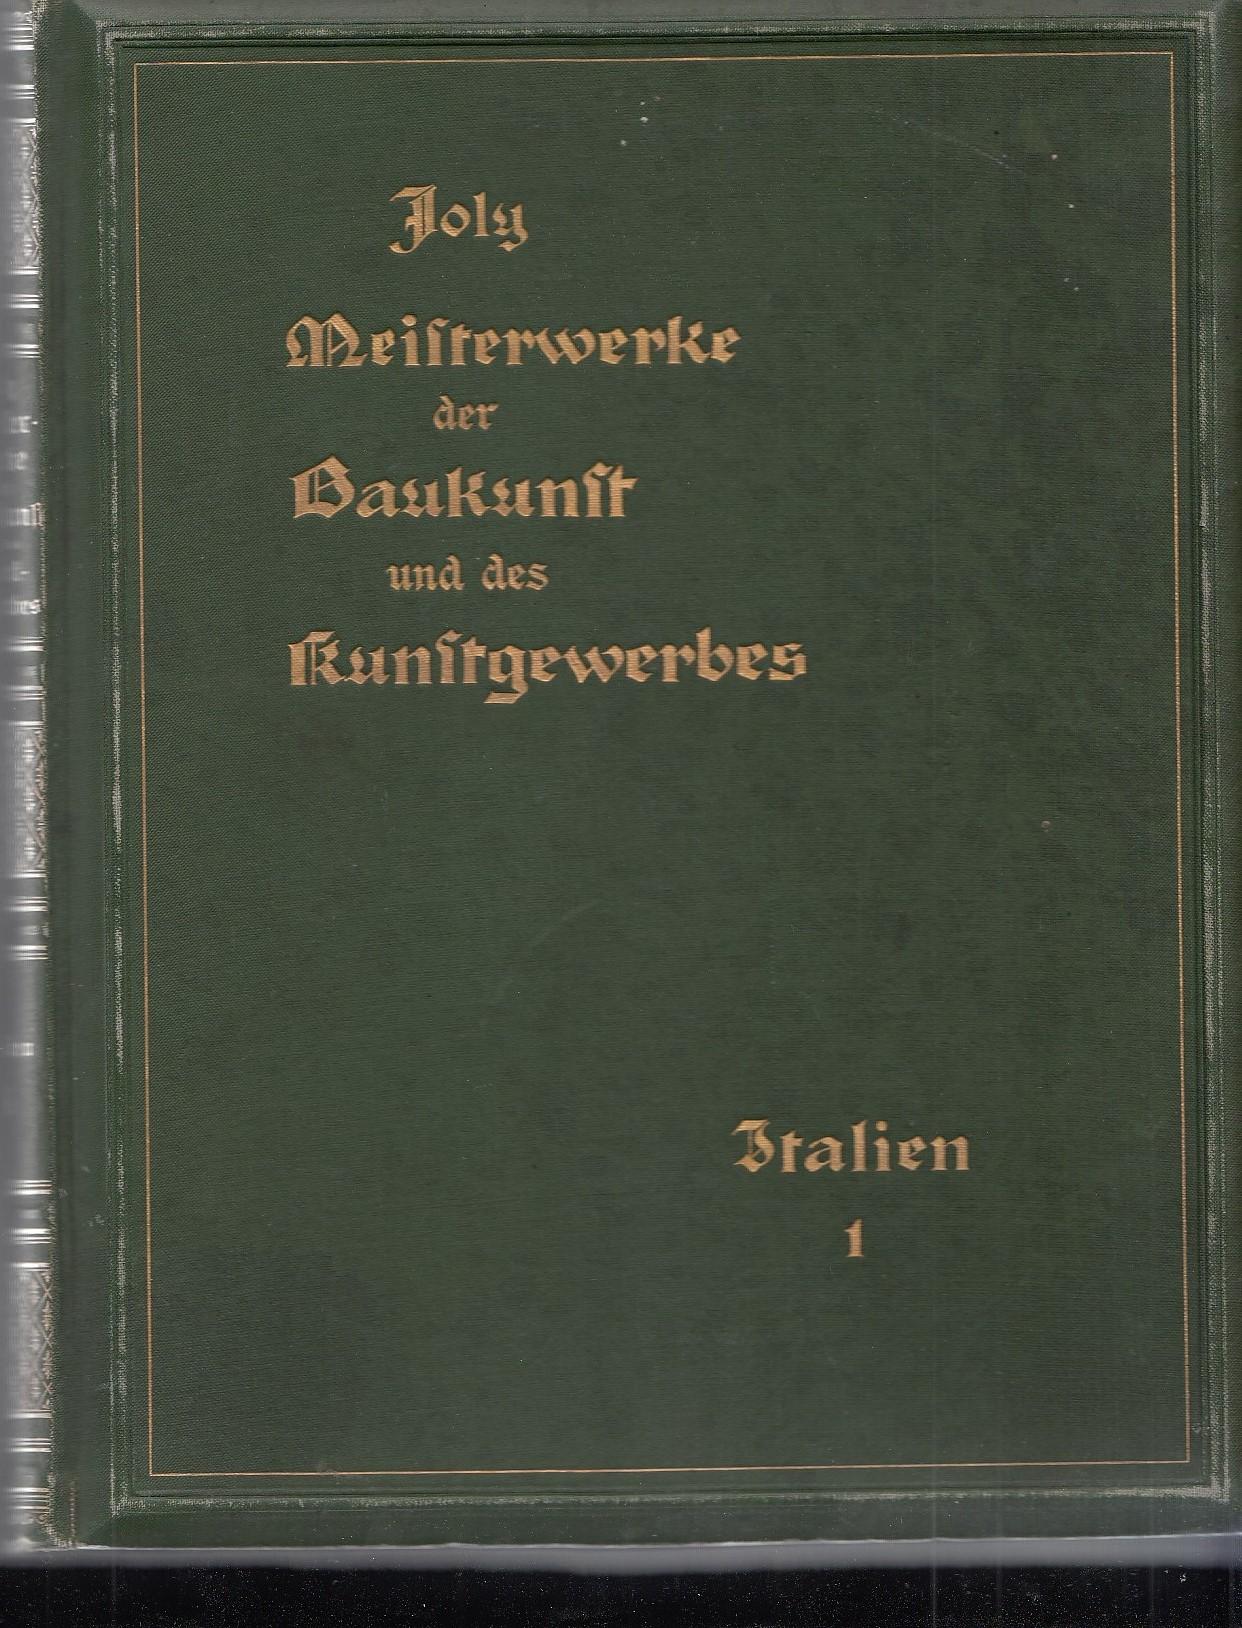 JOLY, Hubert (Hrsg). Meisterwerke der Baukunst und des Kunstgewerbes und ihre Schöpfer. Italien. Band 1. [Mit zahlreichen Abbn.].